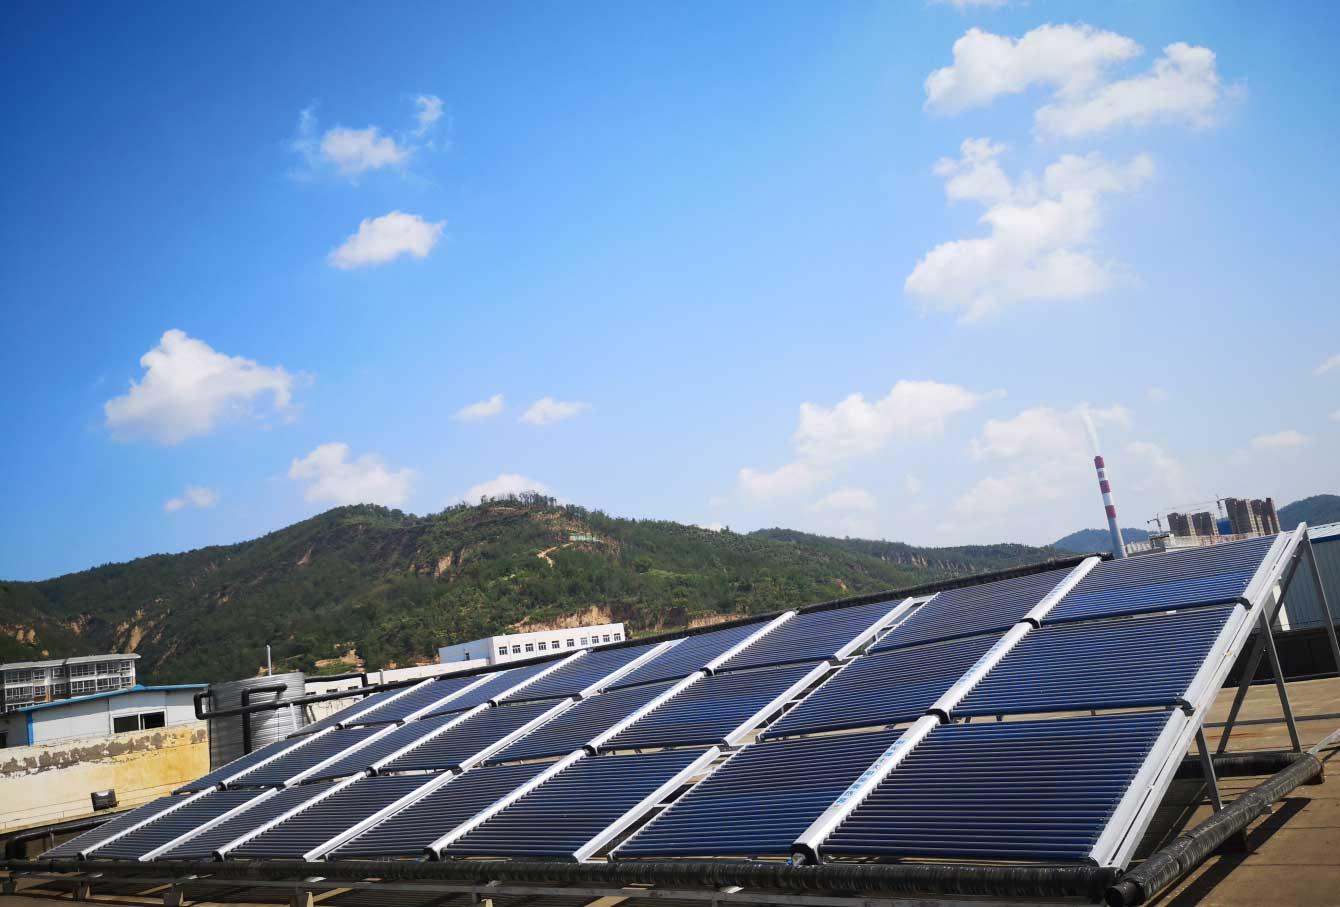 延安嘉盛石油機械有限公司職工洗浴太陽能熱水係統項目